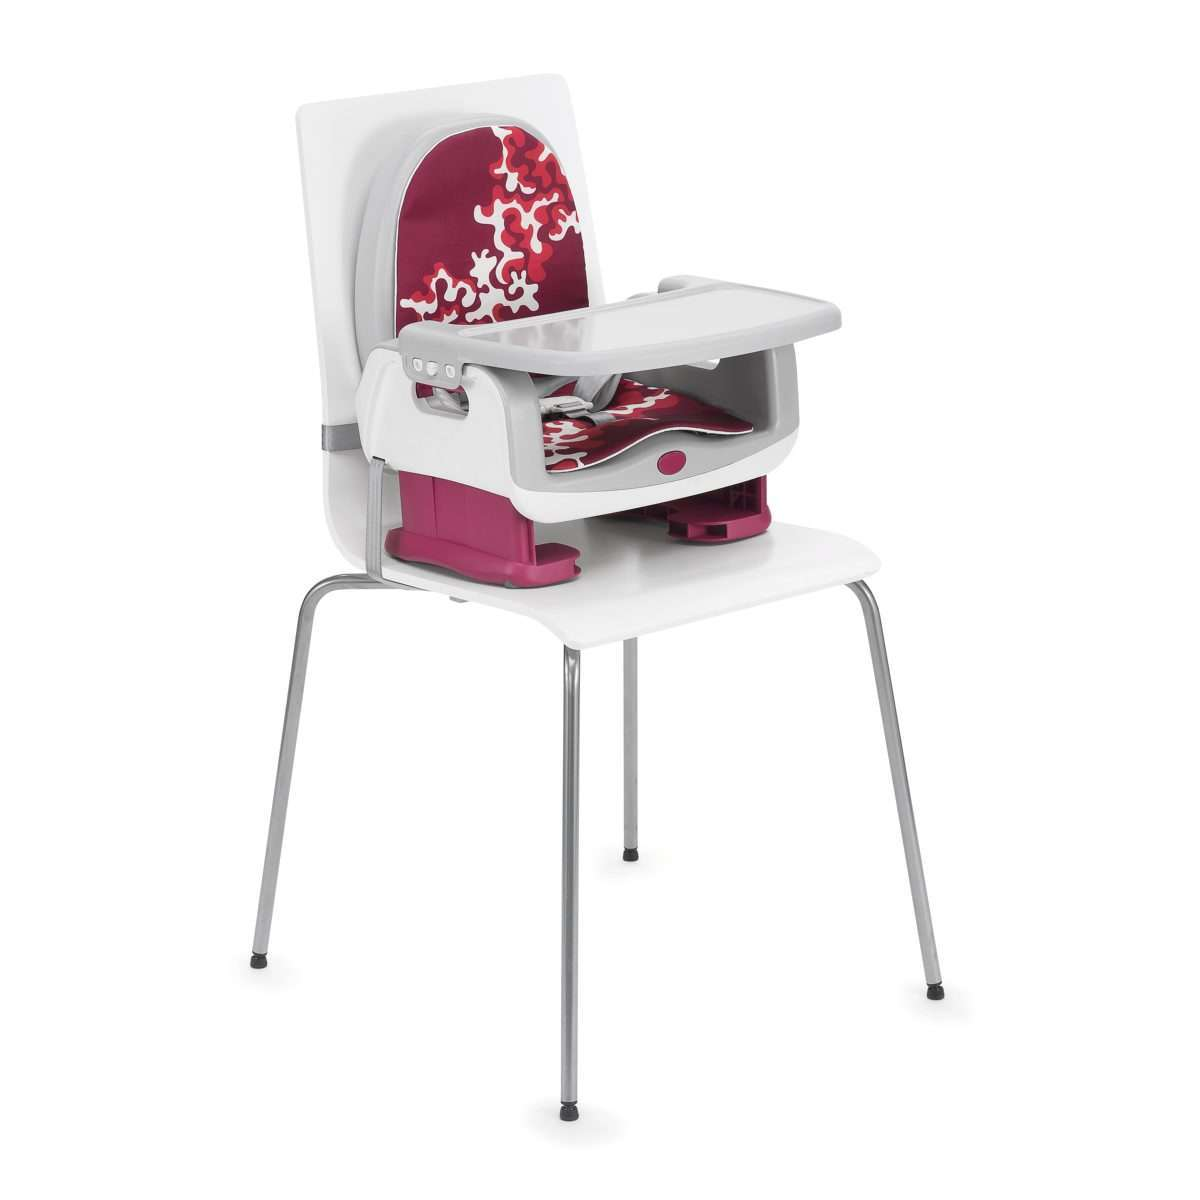 Rialzo sedia chicco upto5 pappa - Seggiolini da tavolo prezzi ...